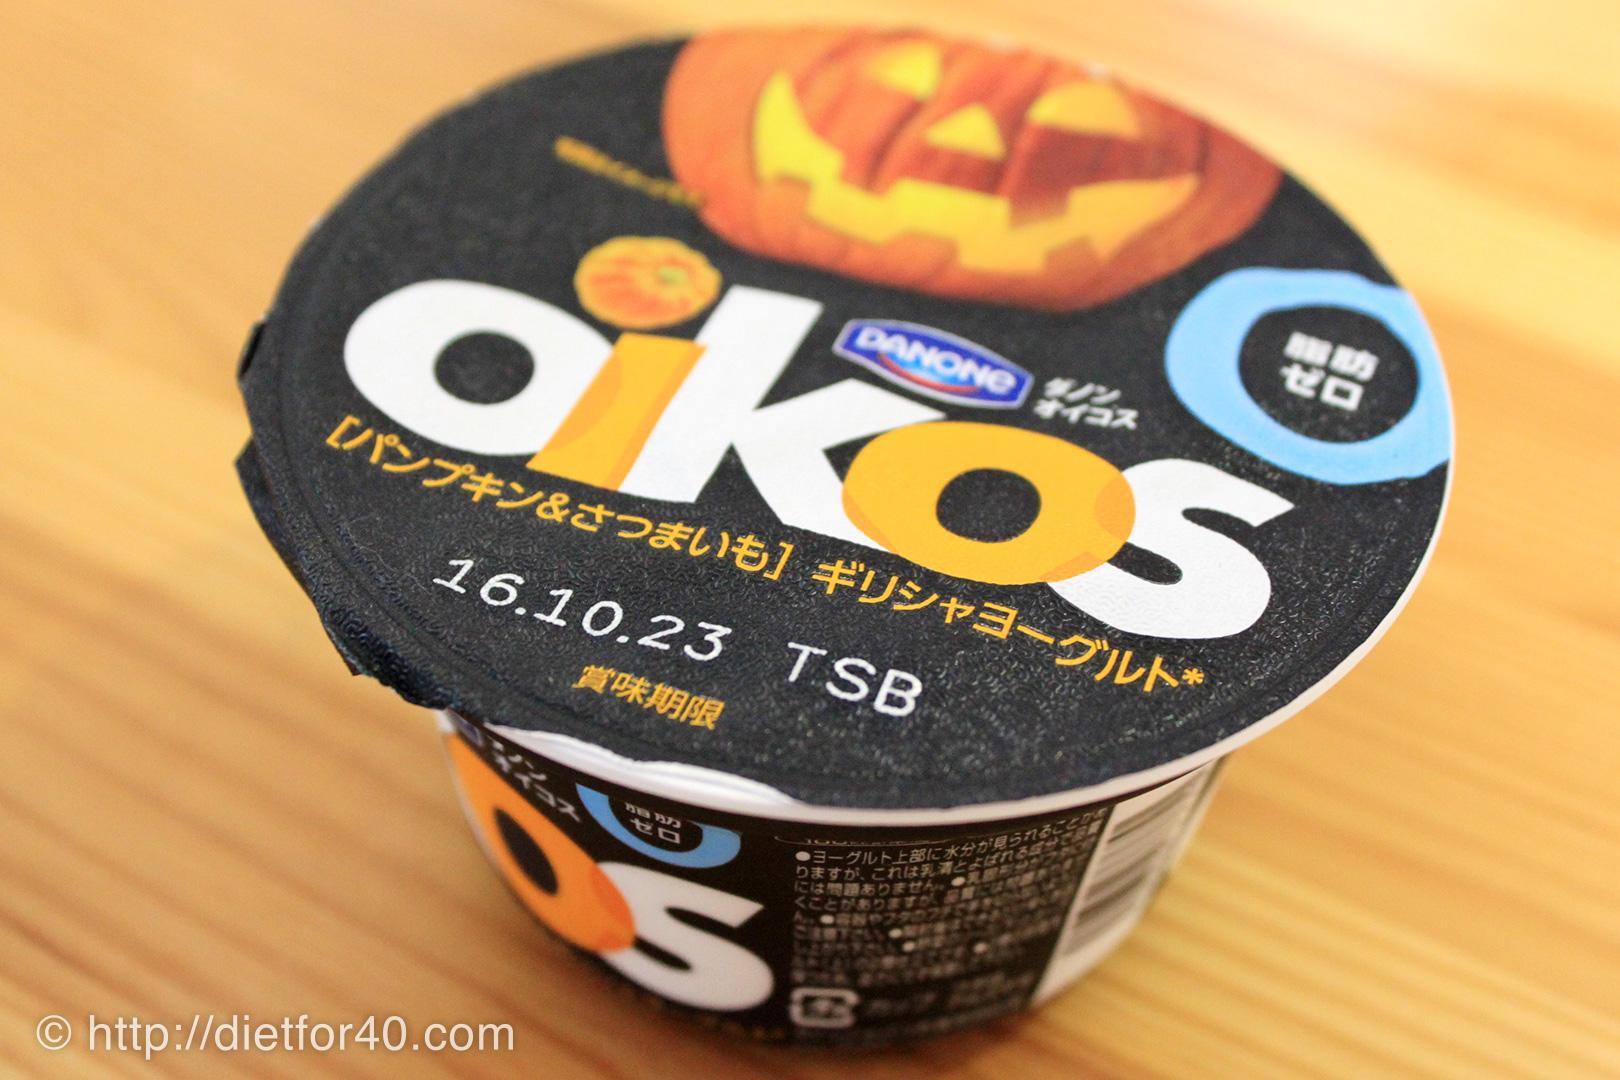 oikos-1